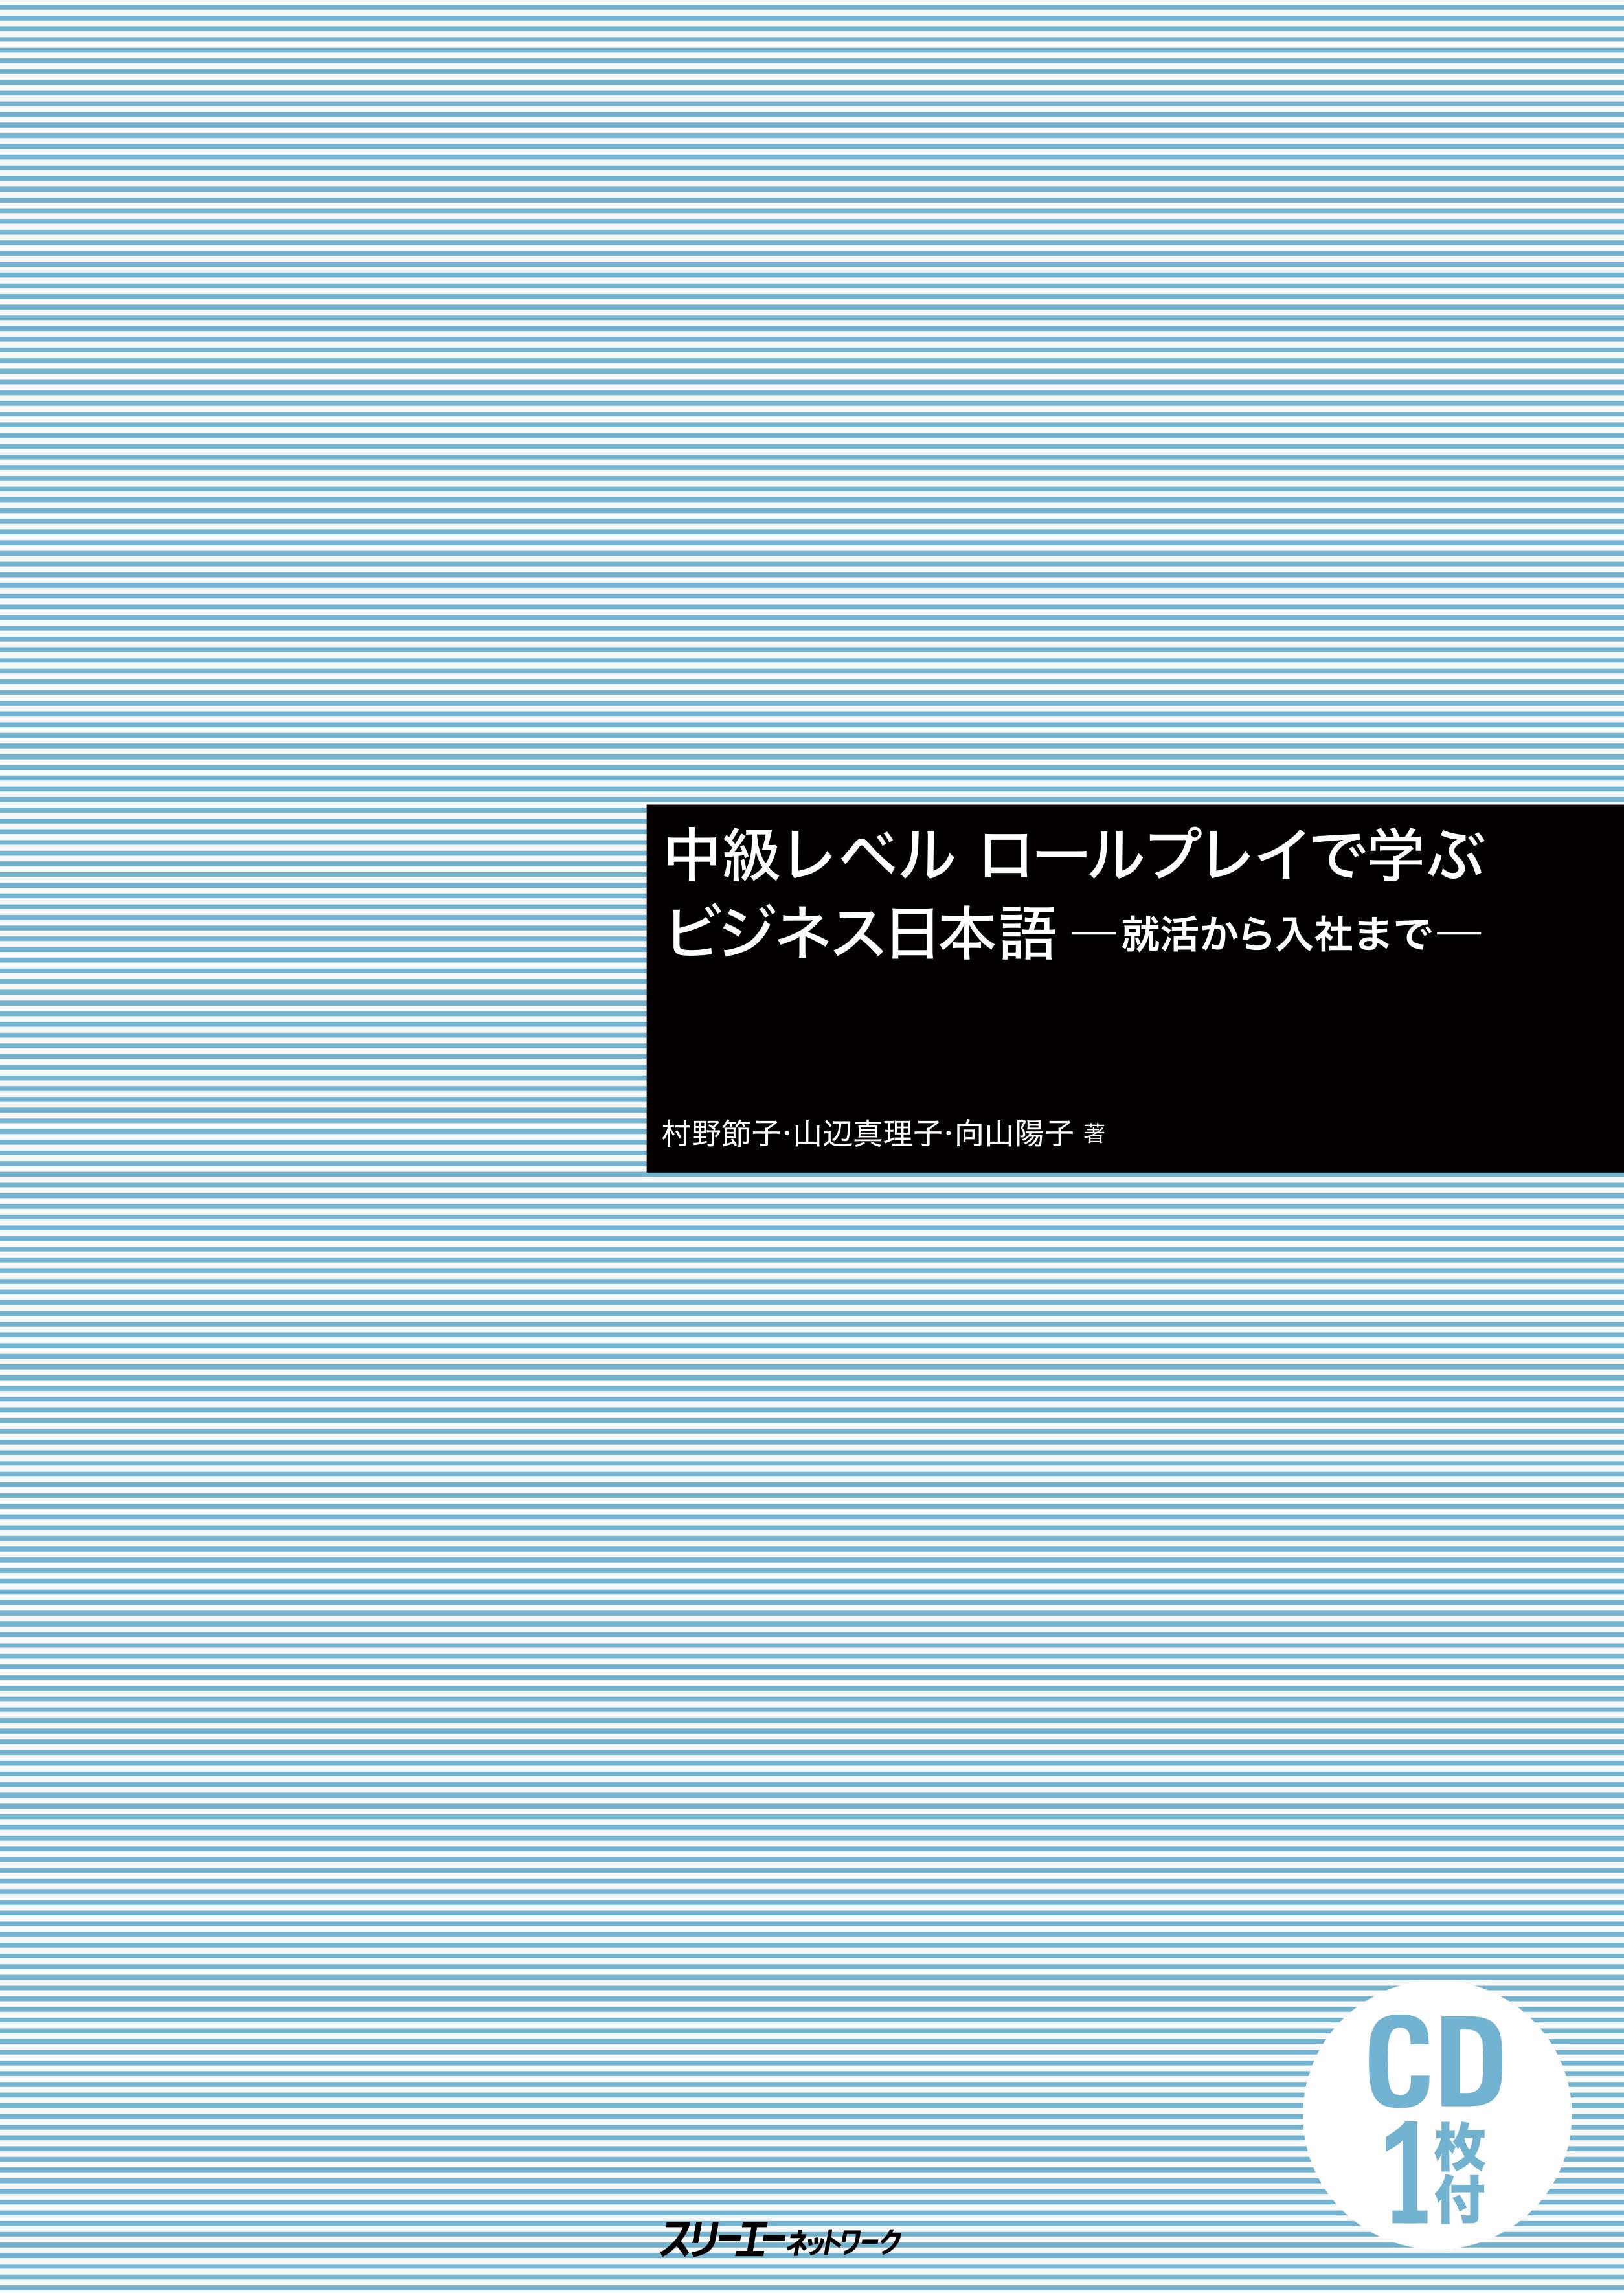 中級レベル ロールプレイで学ぶビジネス日本語 -就活から入社まで-画像